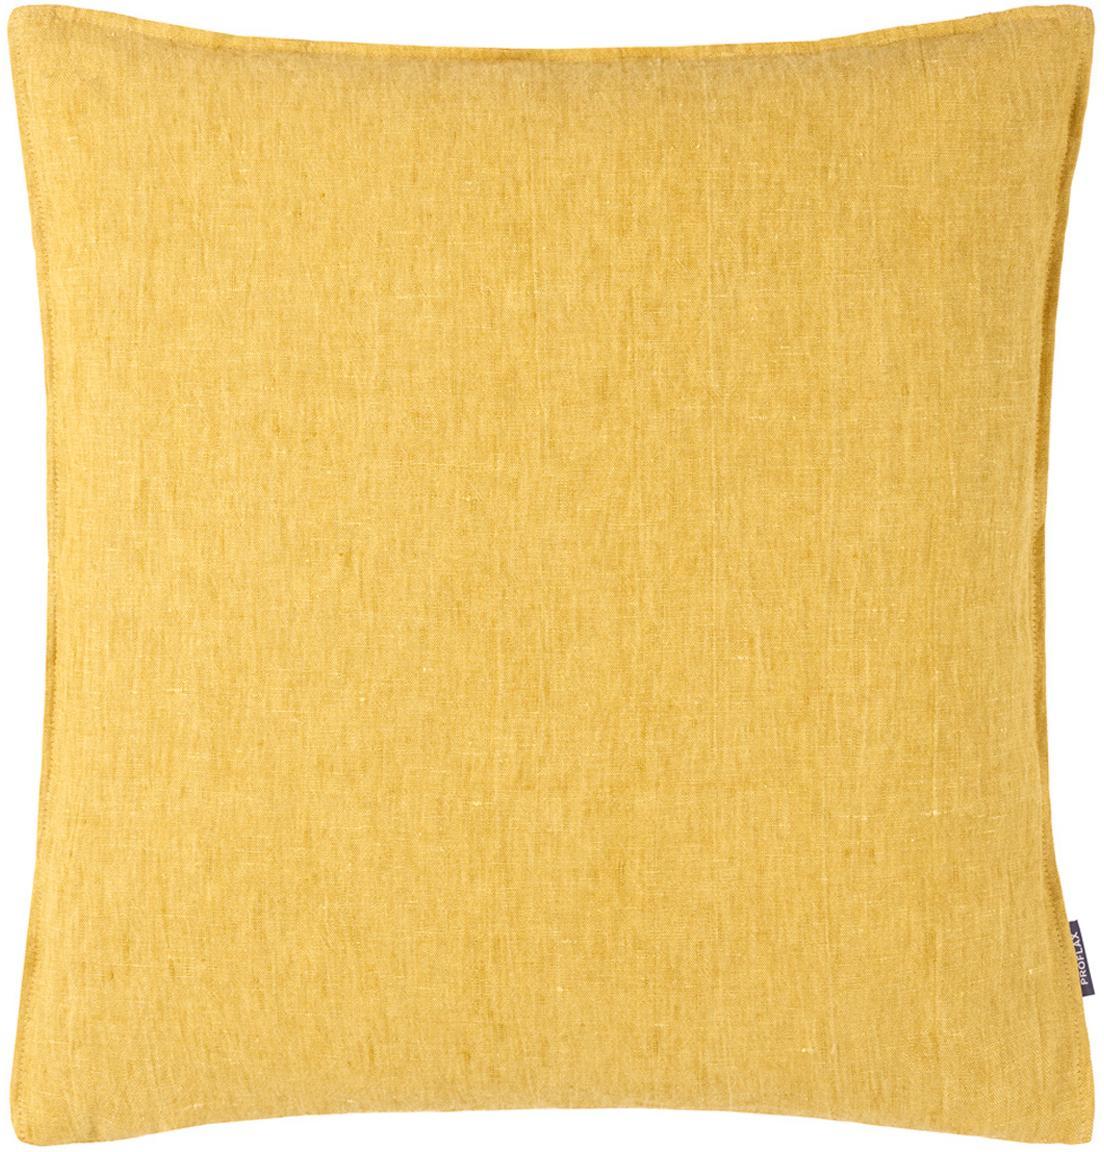 Federa arredo in lino lavato giallo ocra Sven, Lino, Giallo ocra, P 50 x L 50 cm